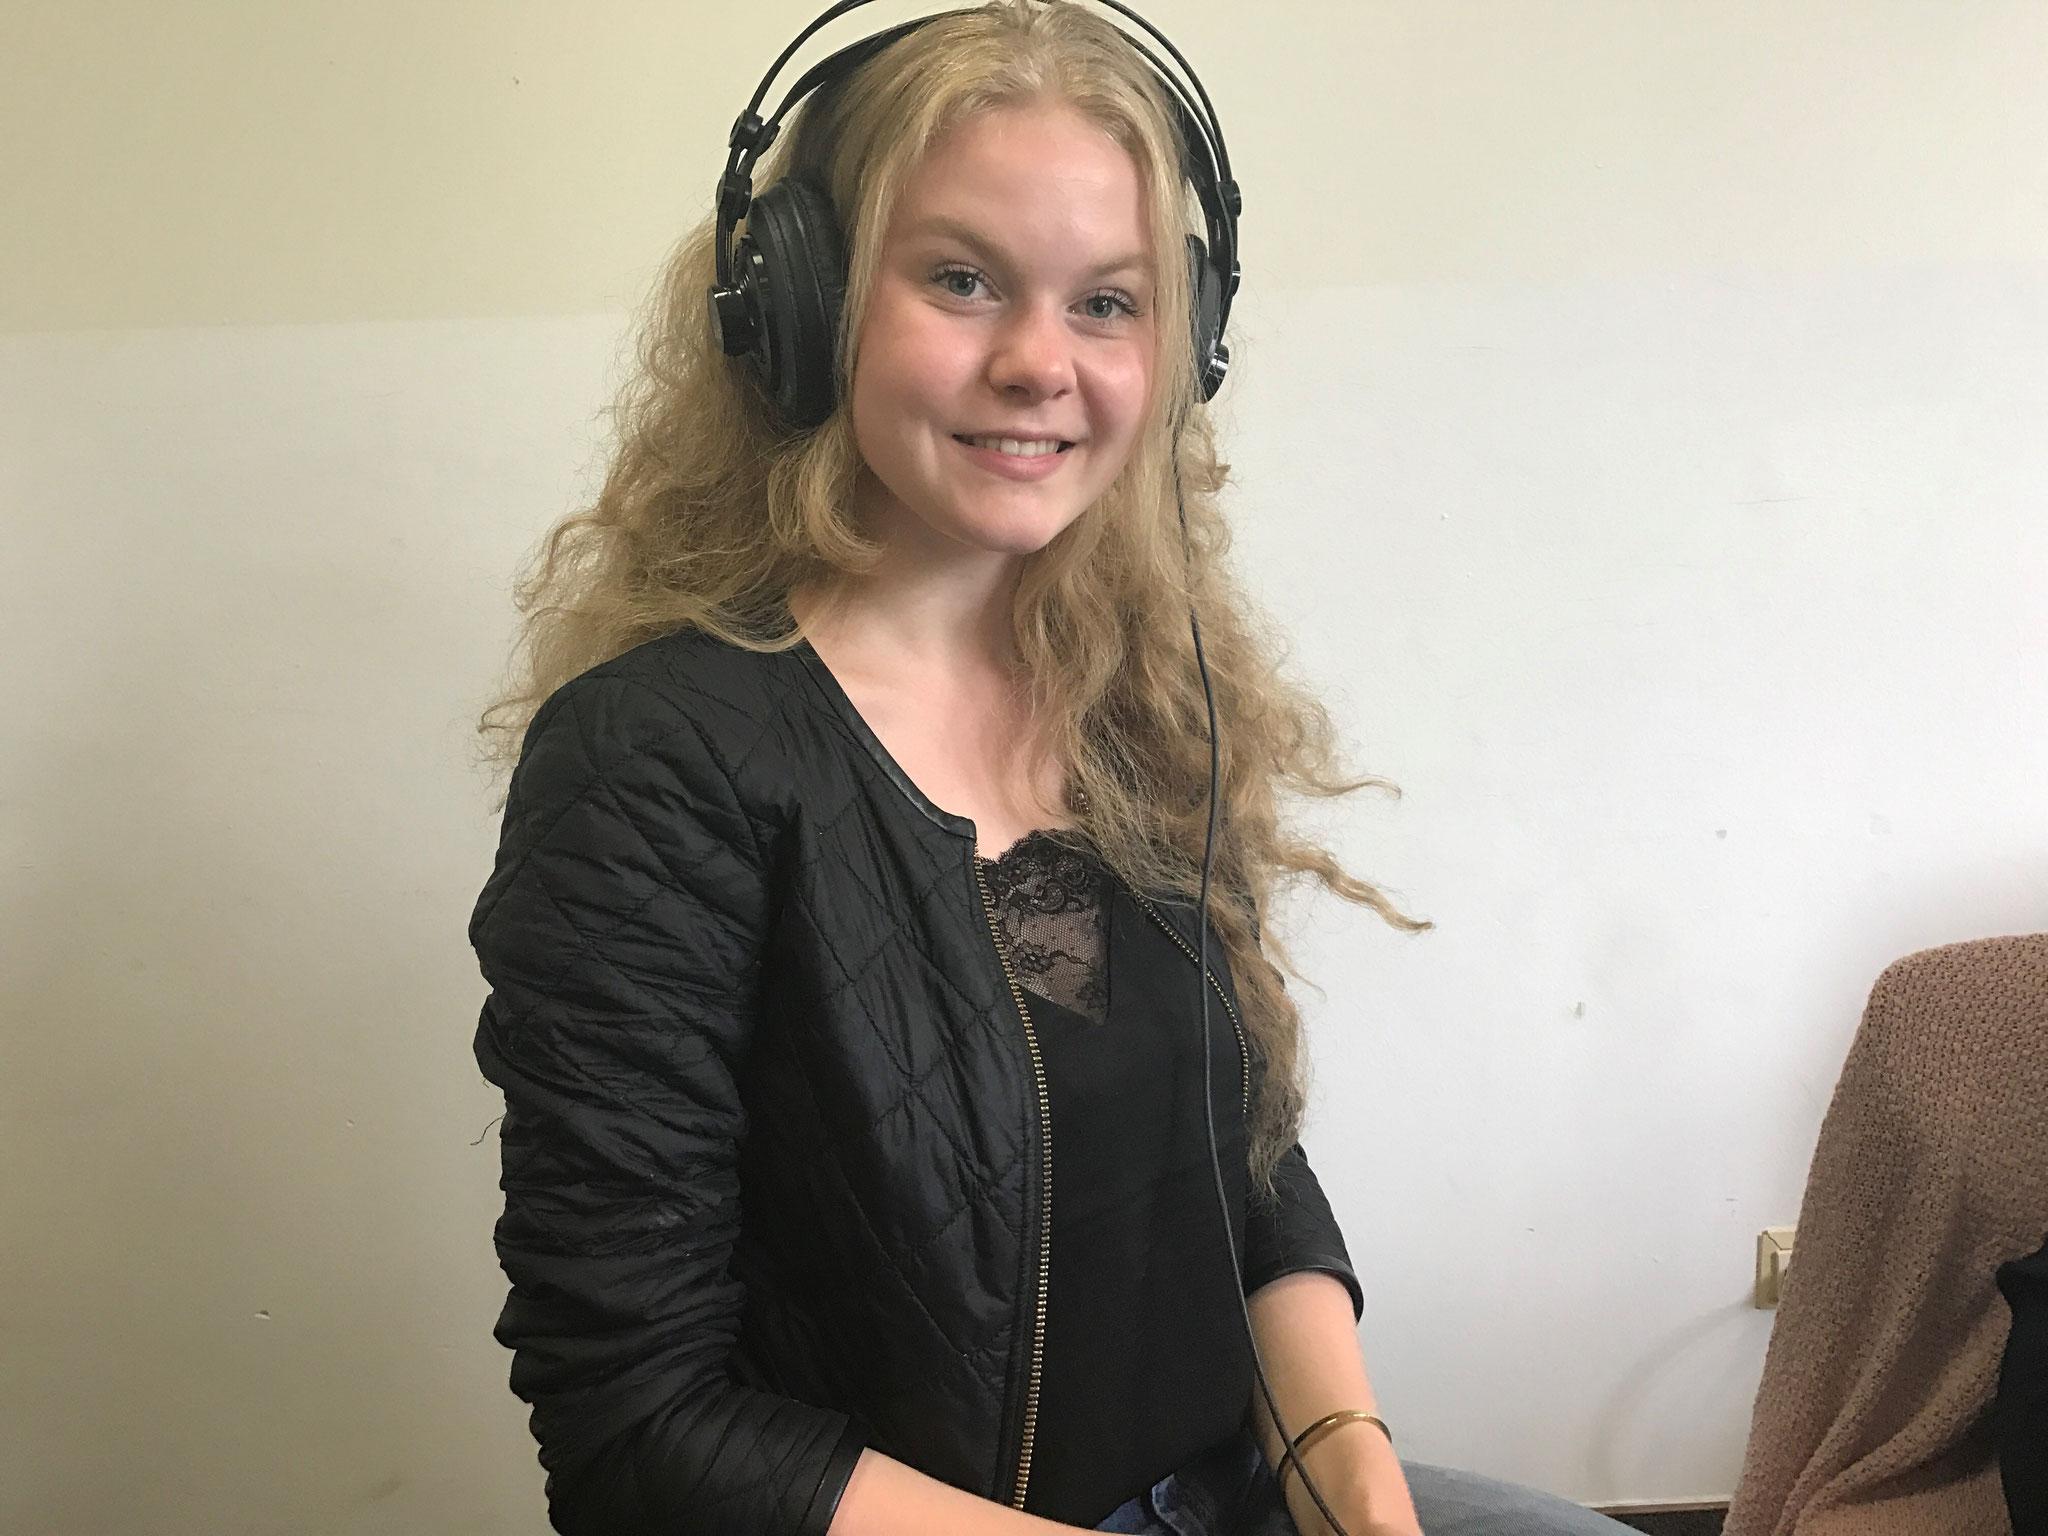 """Eva Holthuis (18 Jahre):  """"Im Ehrenamt geht es nicht um große Erfolge, sondern darum auch mal etwas für andere zu tun."""""""